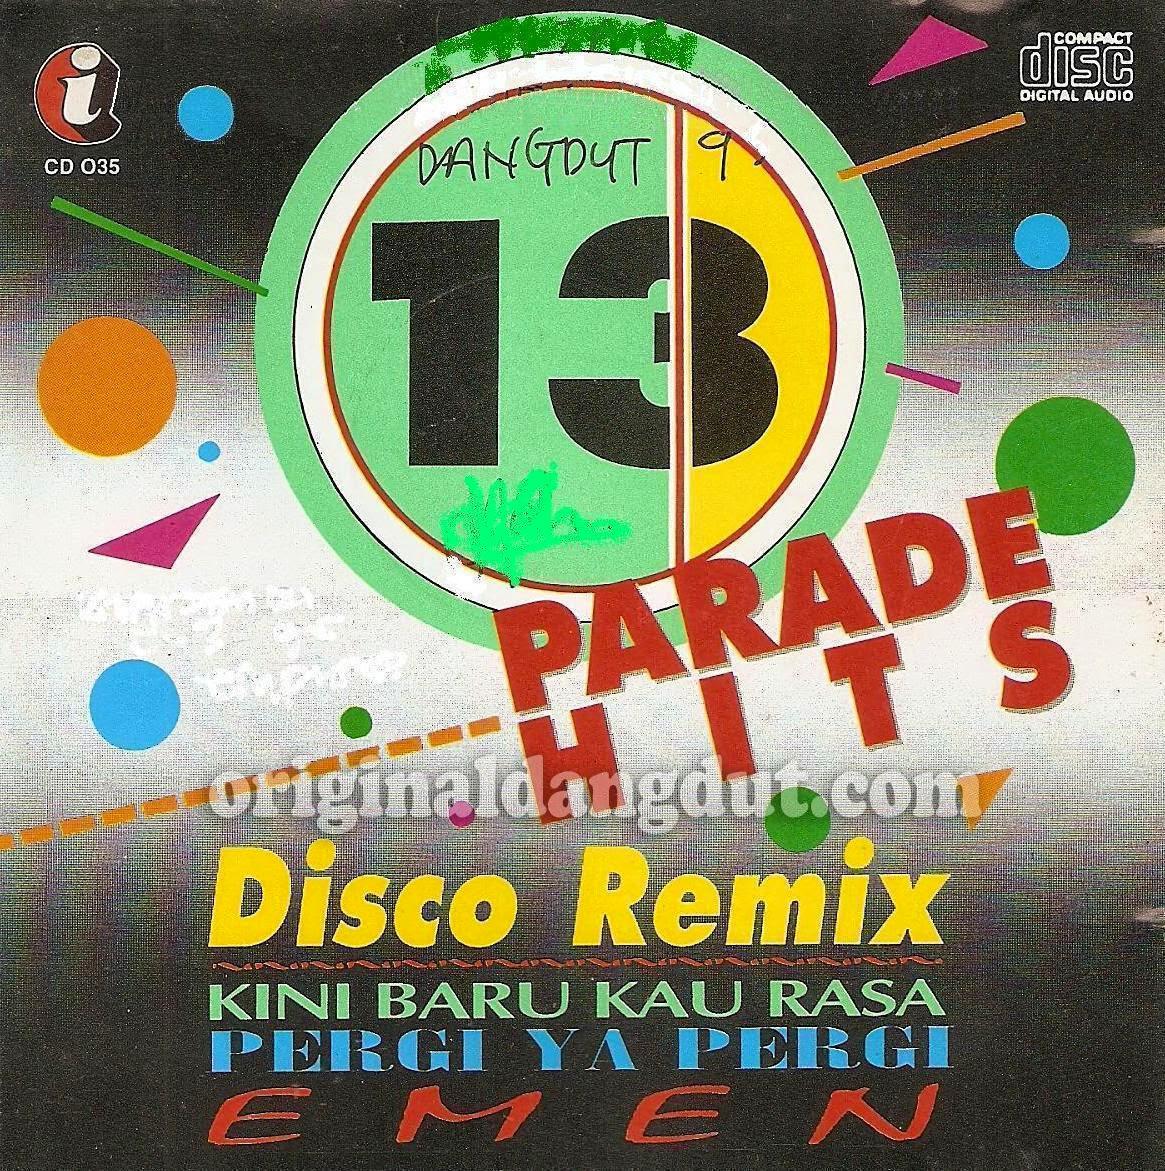 Parade Hits Disco Remix Kini Baru Kau Rasa